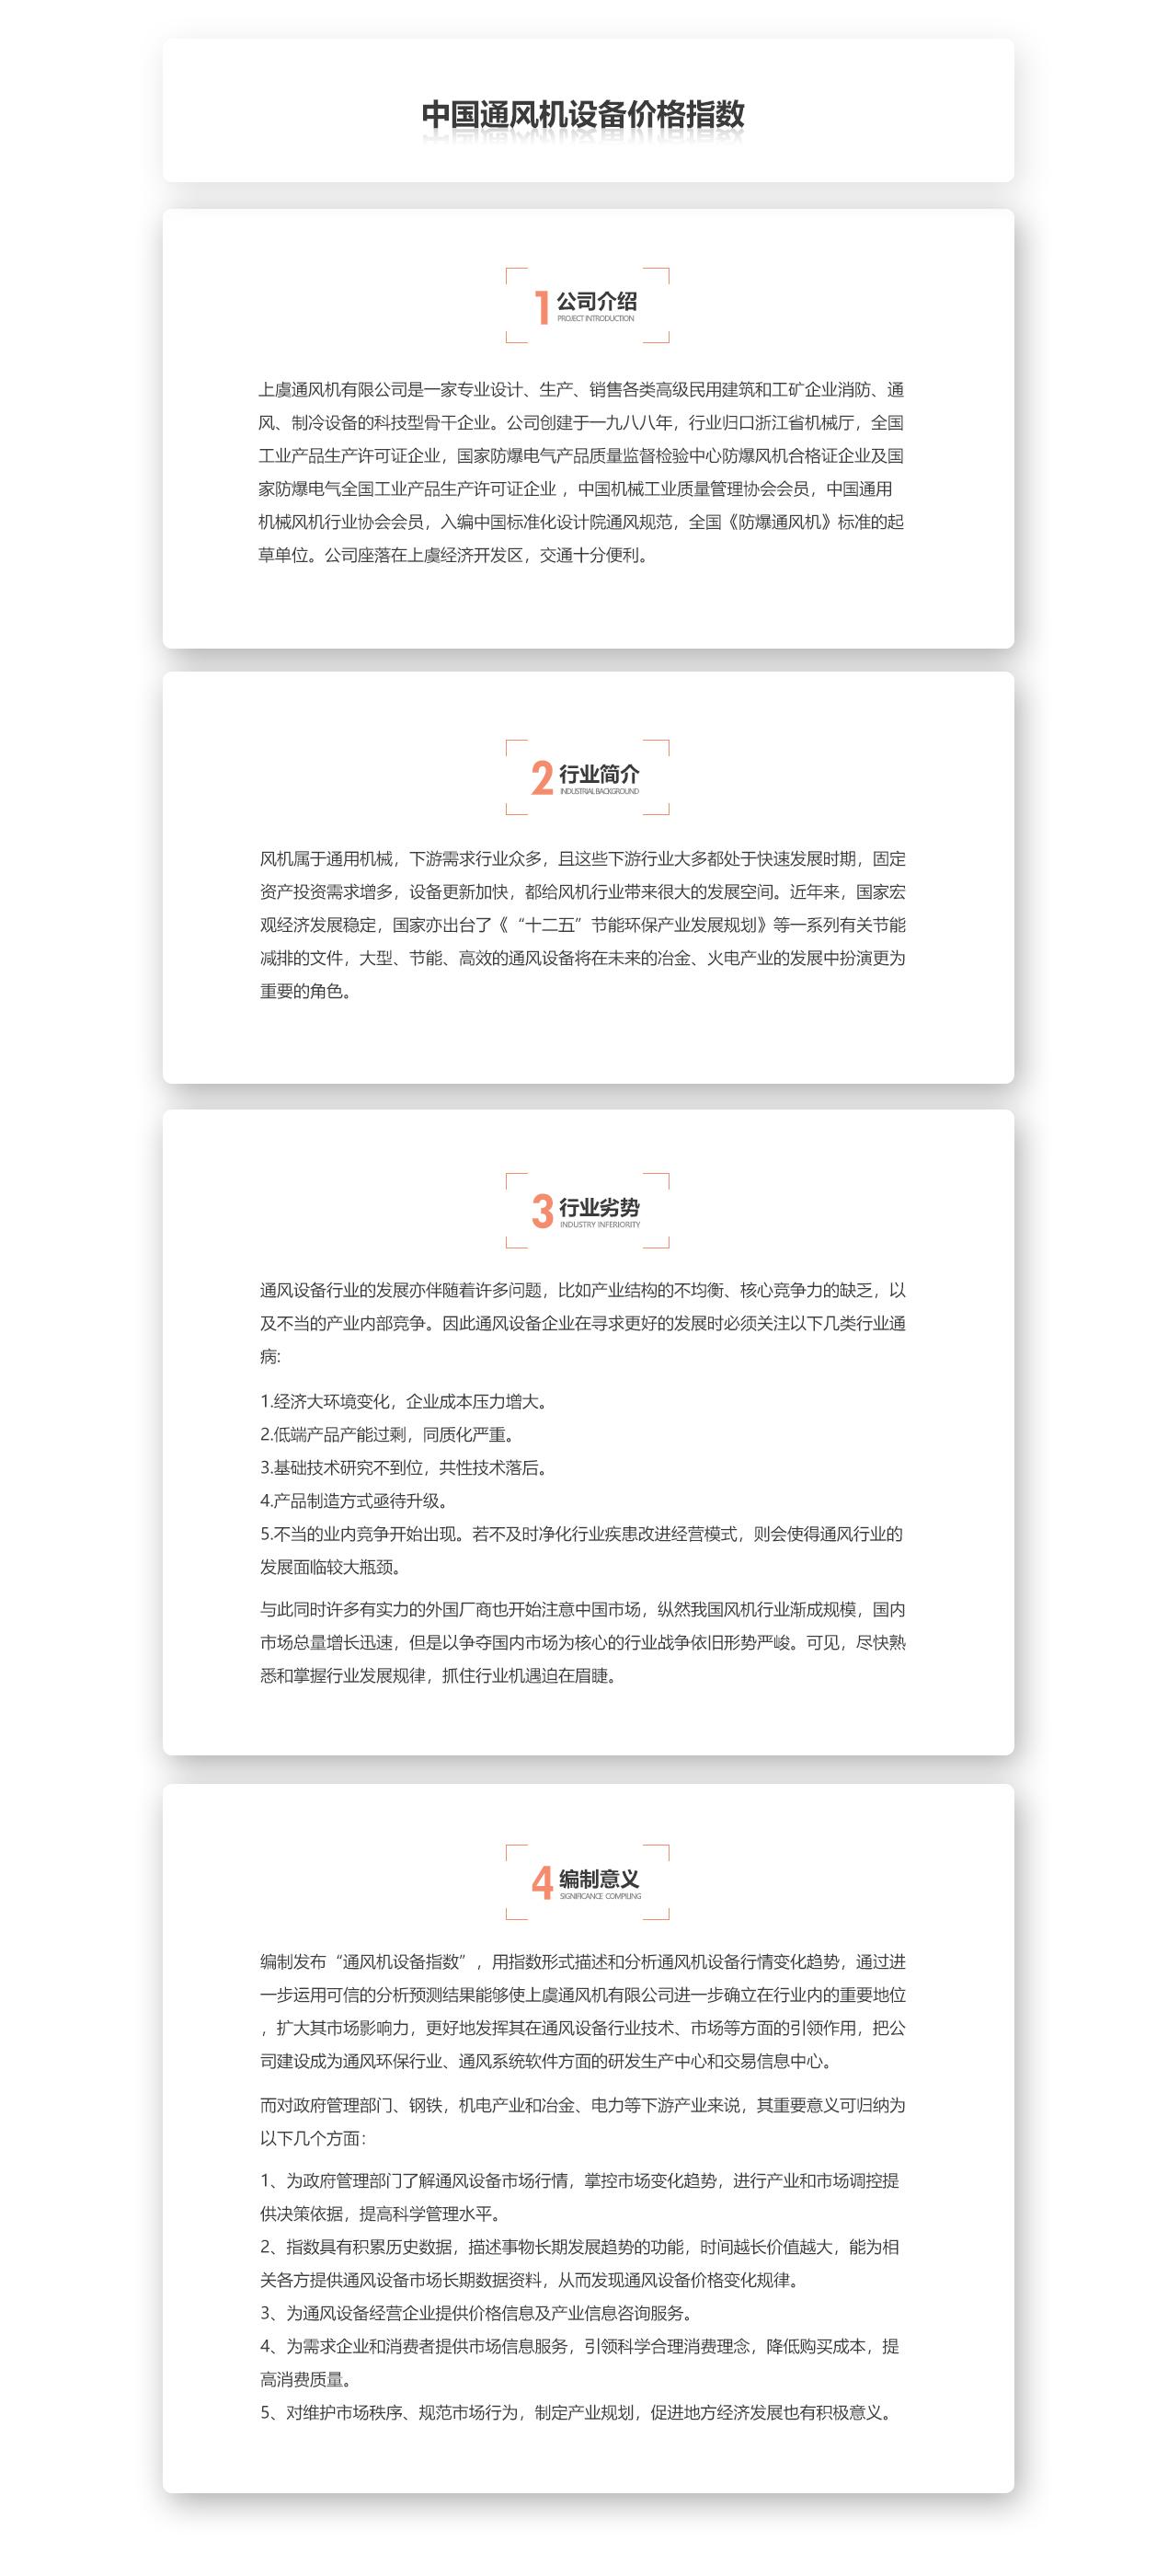 中国通风机设备价格指数.jpg